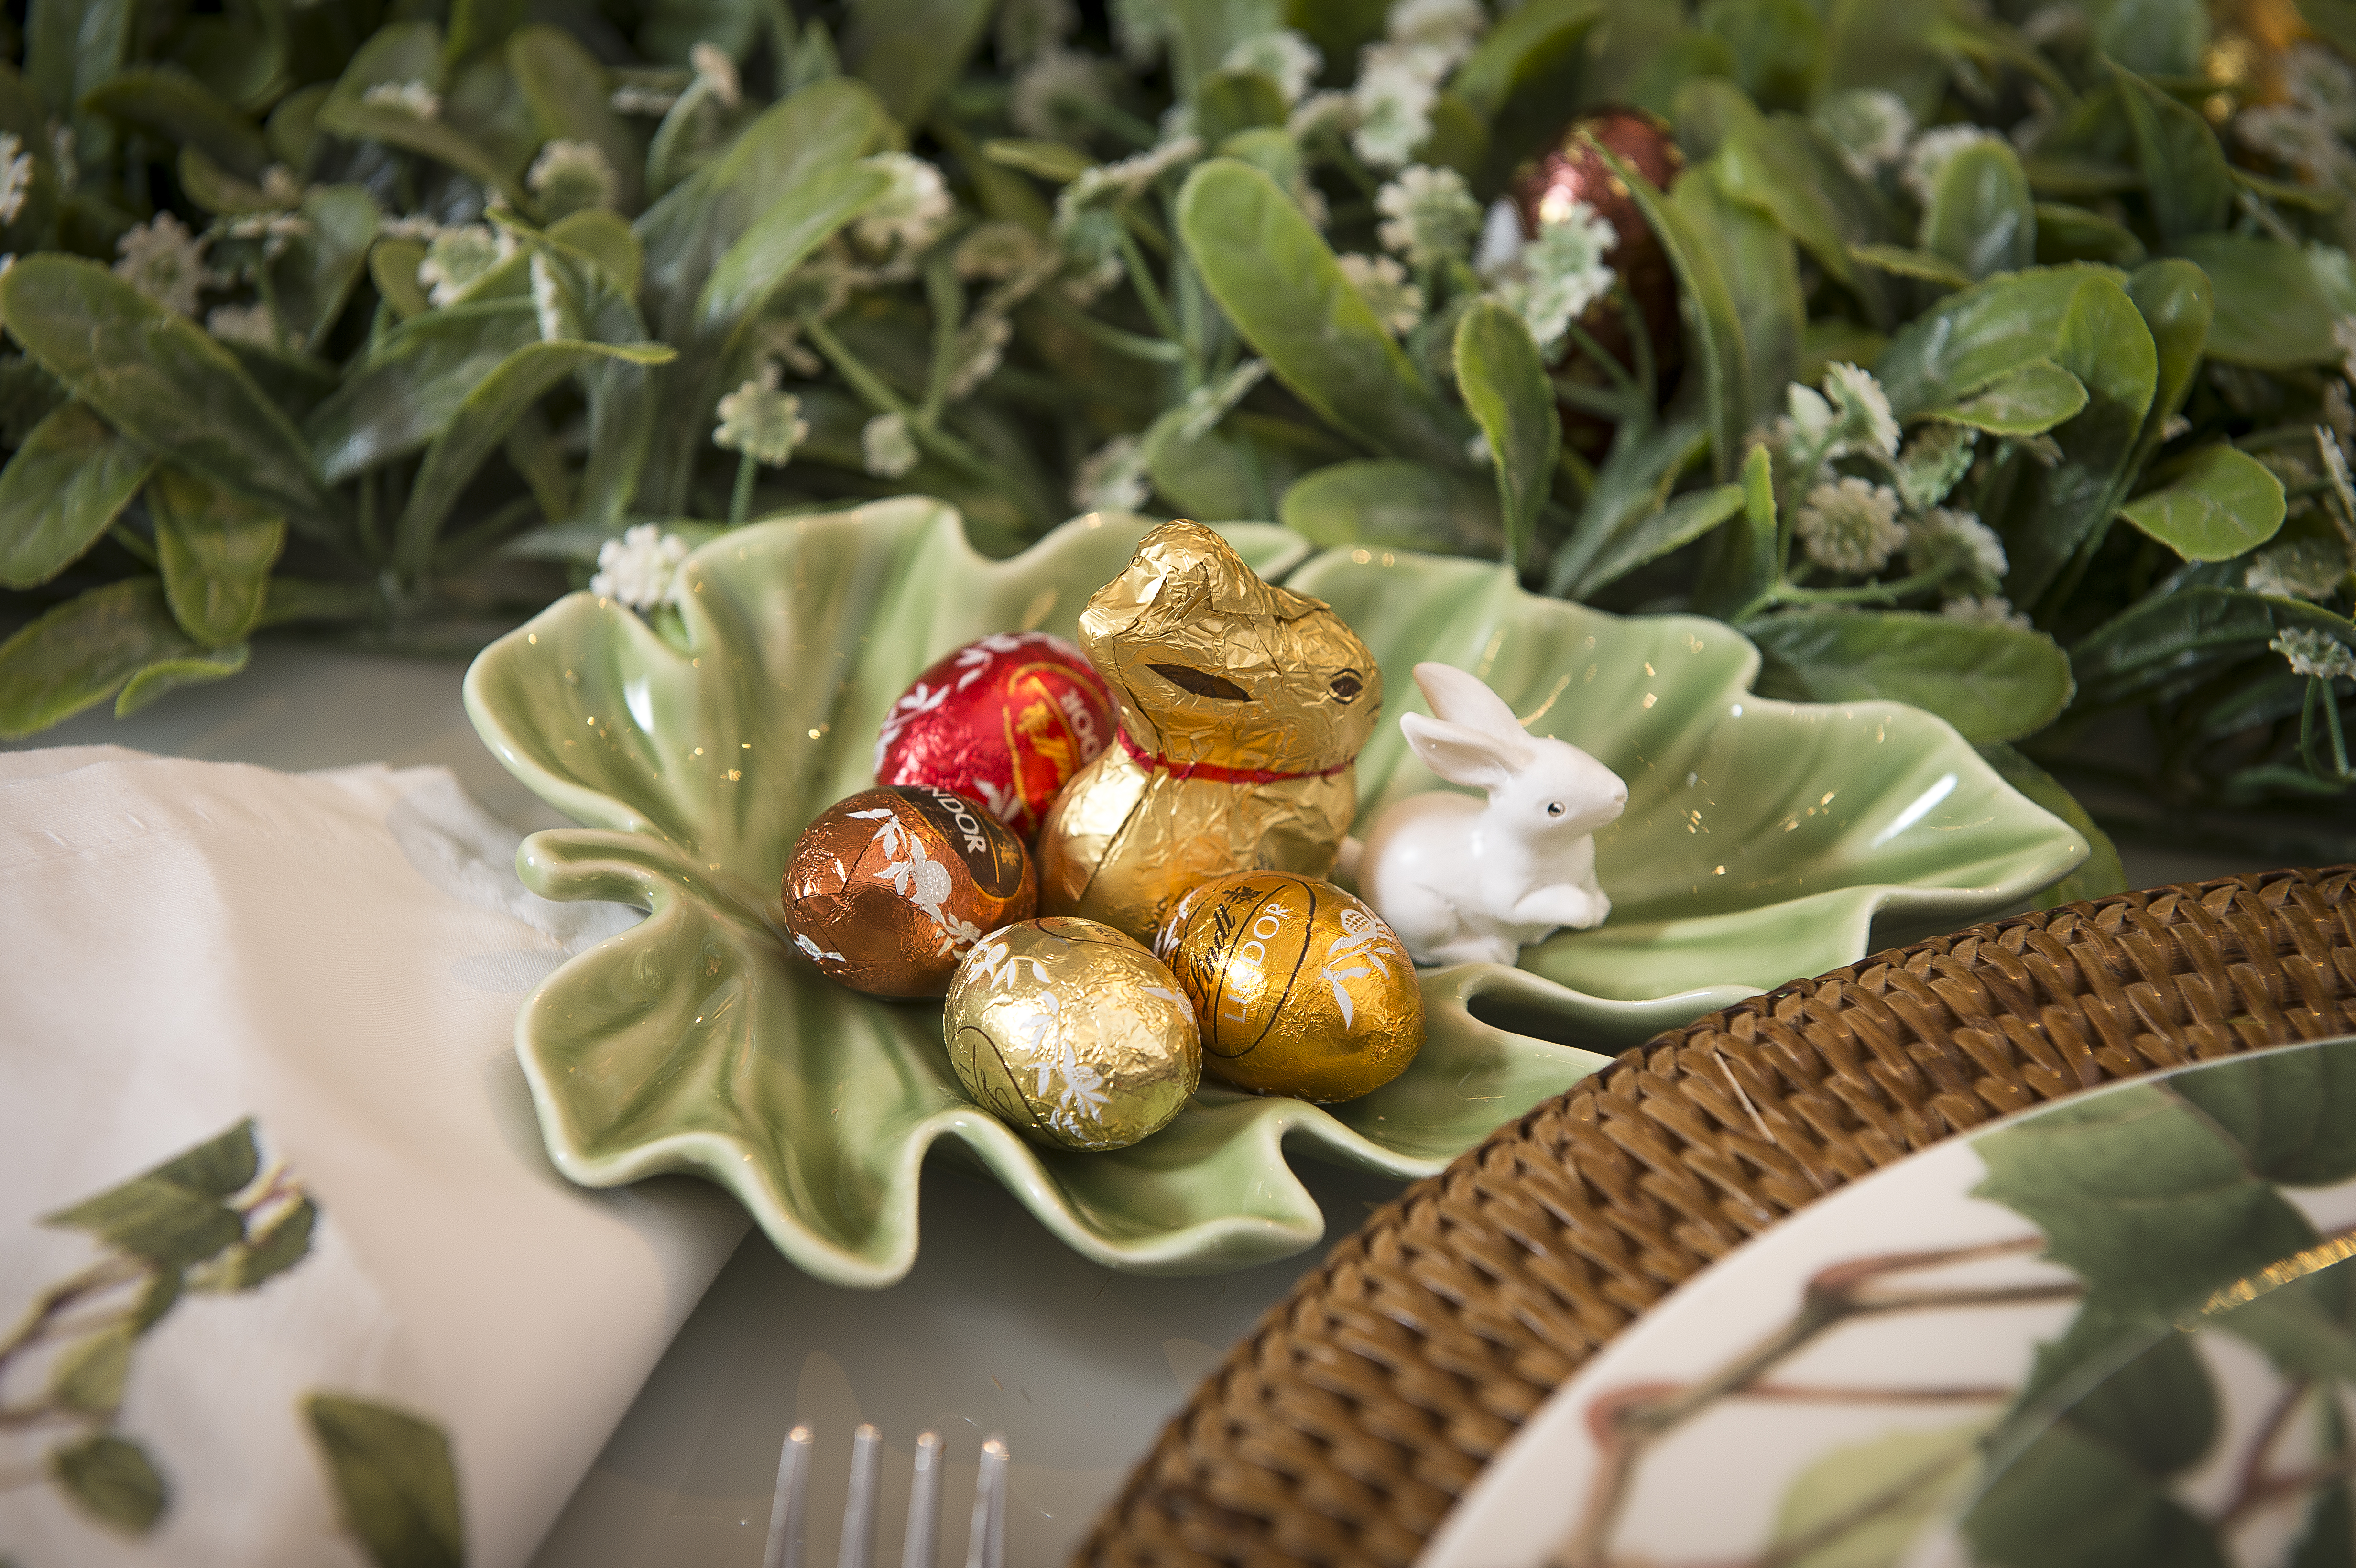 """Na frente de cada prato, uma gulodice super permitida na Páscoa: para os adultos não terem que participar da caça aos ovos com as crianças, uma pequena """"reserva de mercado"""" na folha de cerâmica. O coelho branco é de resina, e serve de guardião dos chocolates."""